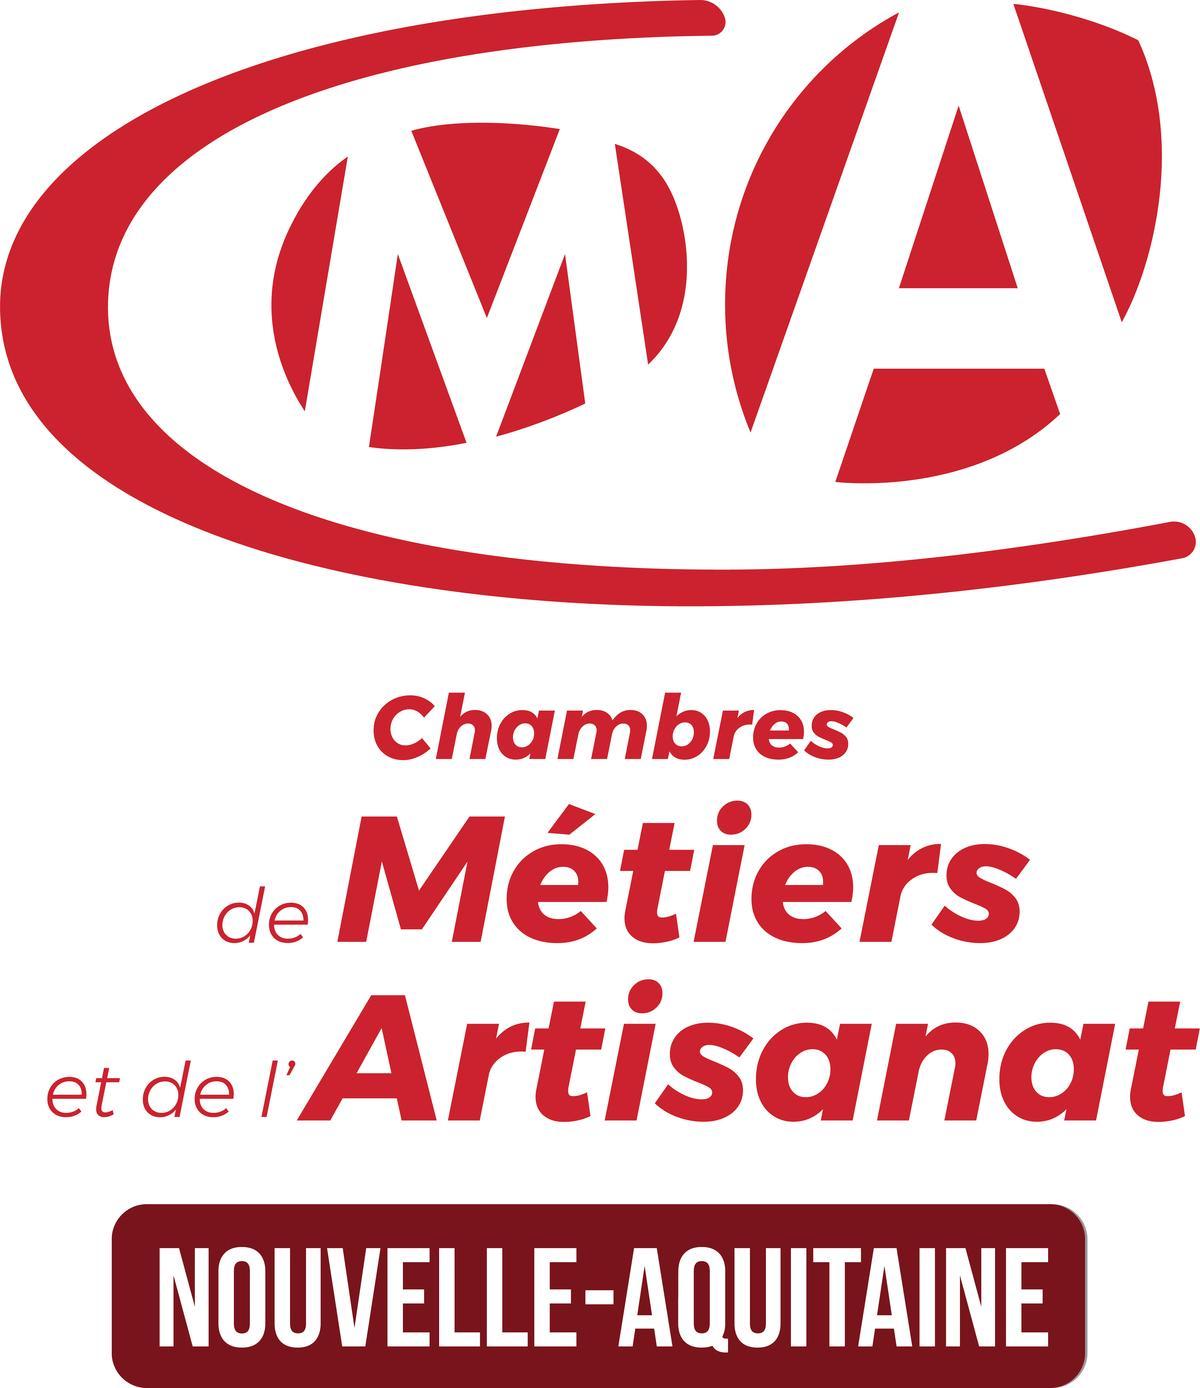 CHAMBRE REGIONALE DE METIERS ET DE L'ARTISANAT NOUVELLE ...